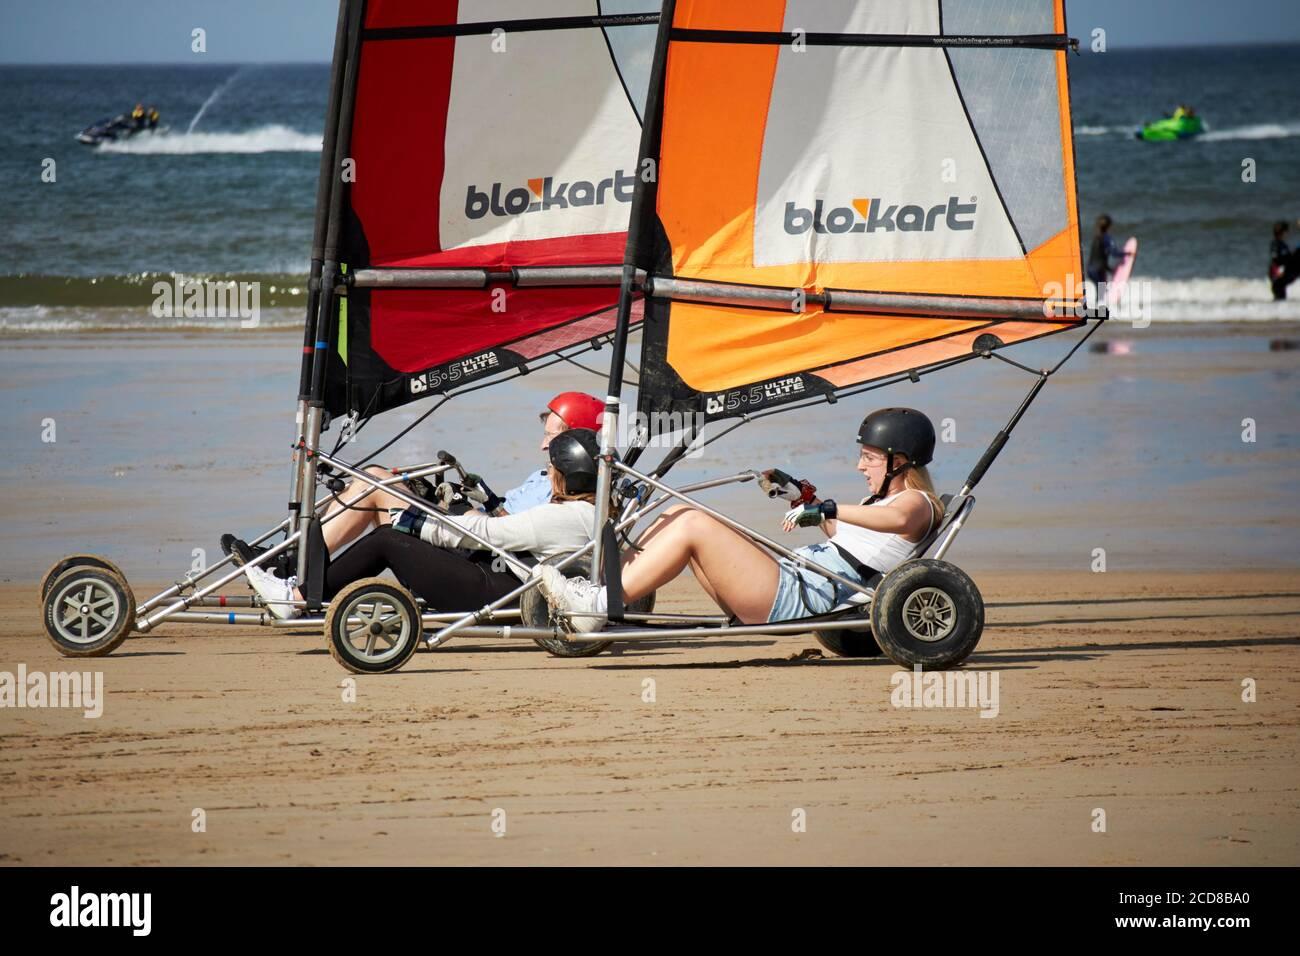 les gens qui conduisent des yachts de terrain compacts blokart sur la plage de benone au nord irlande royaume-uni Banque D'Images